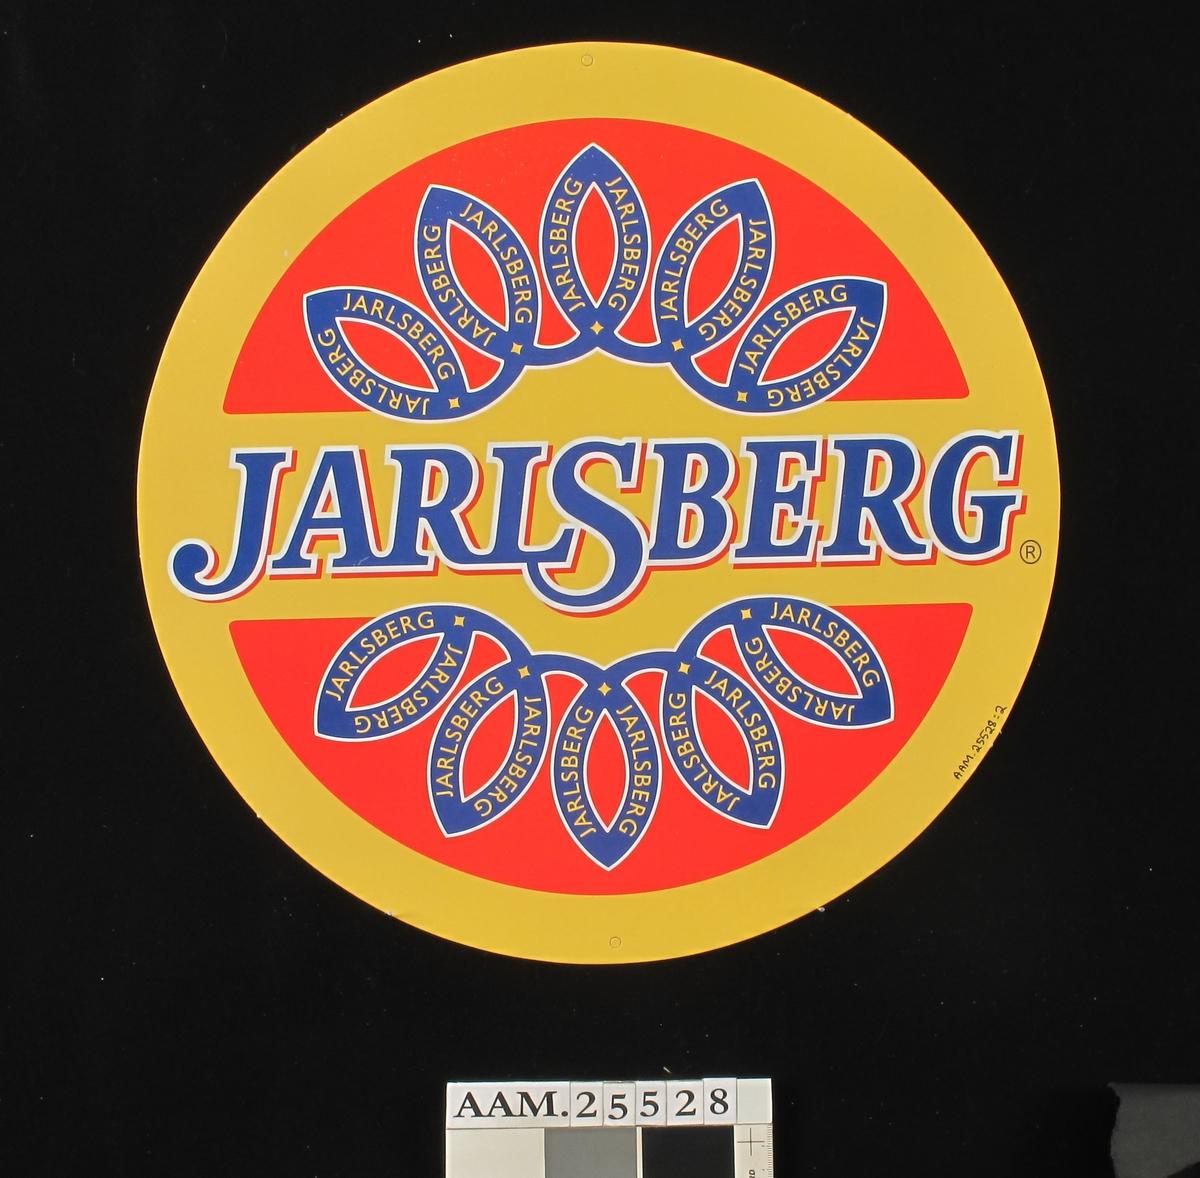 Rund Jarsberg-ost / fargefoto av ostestykke og ostekniv.